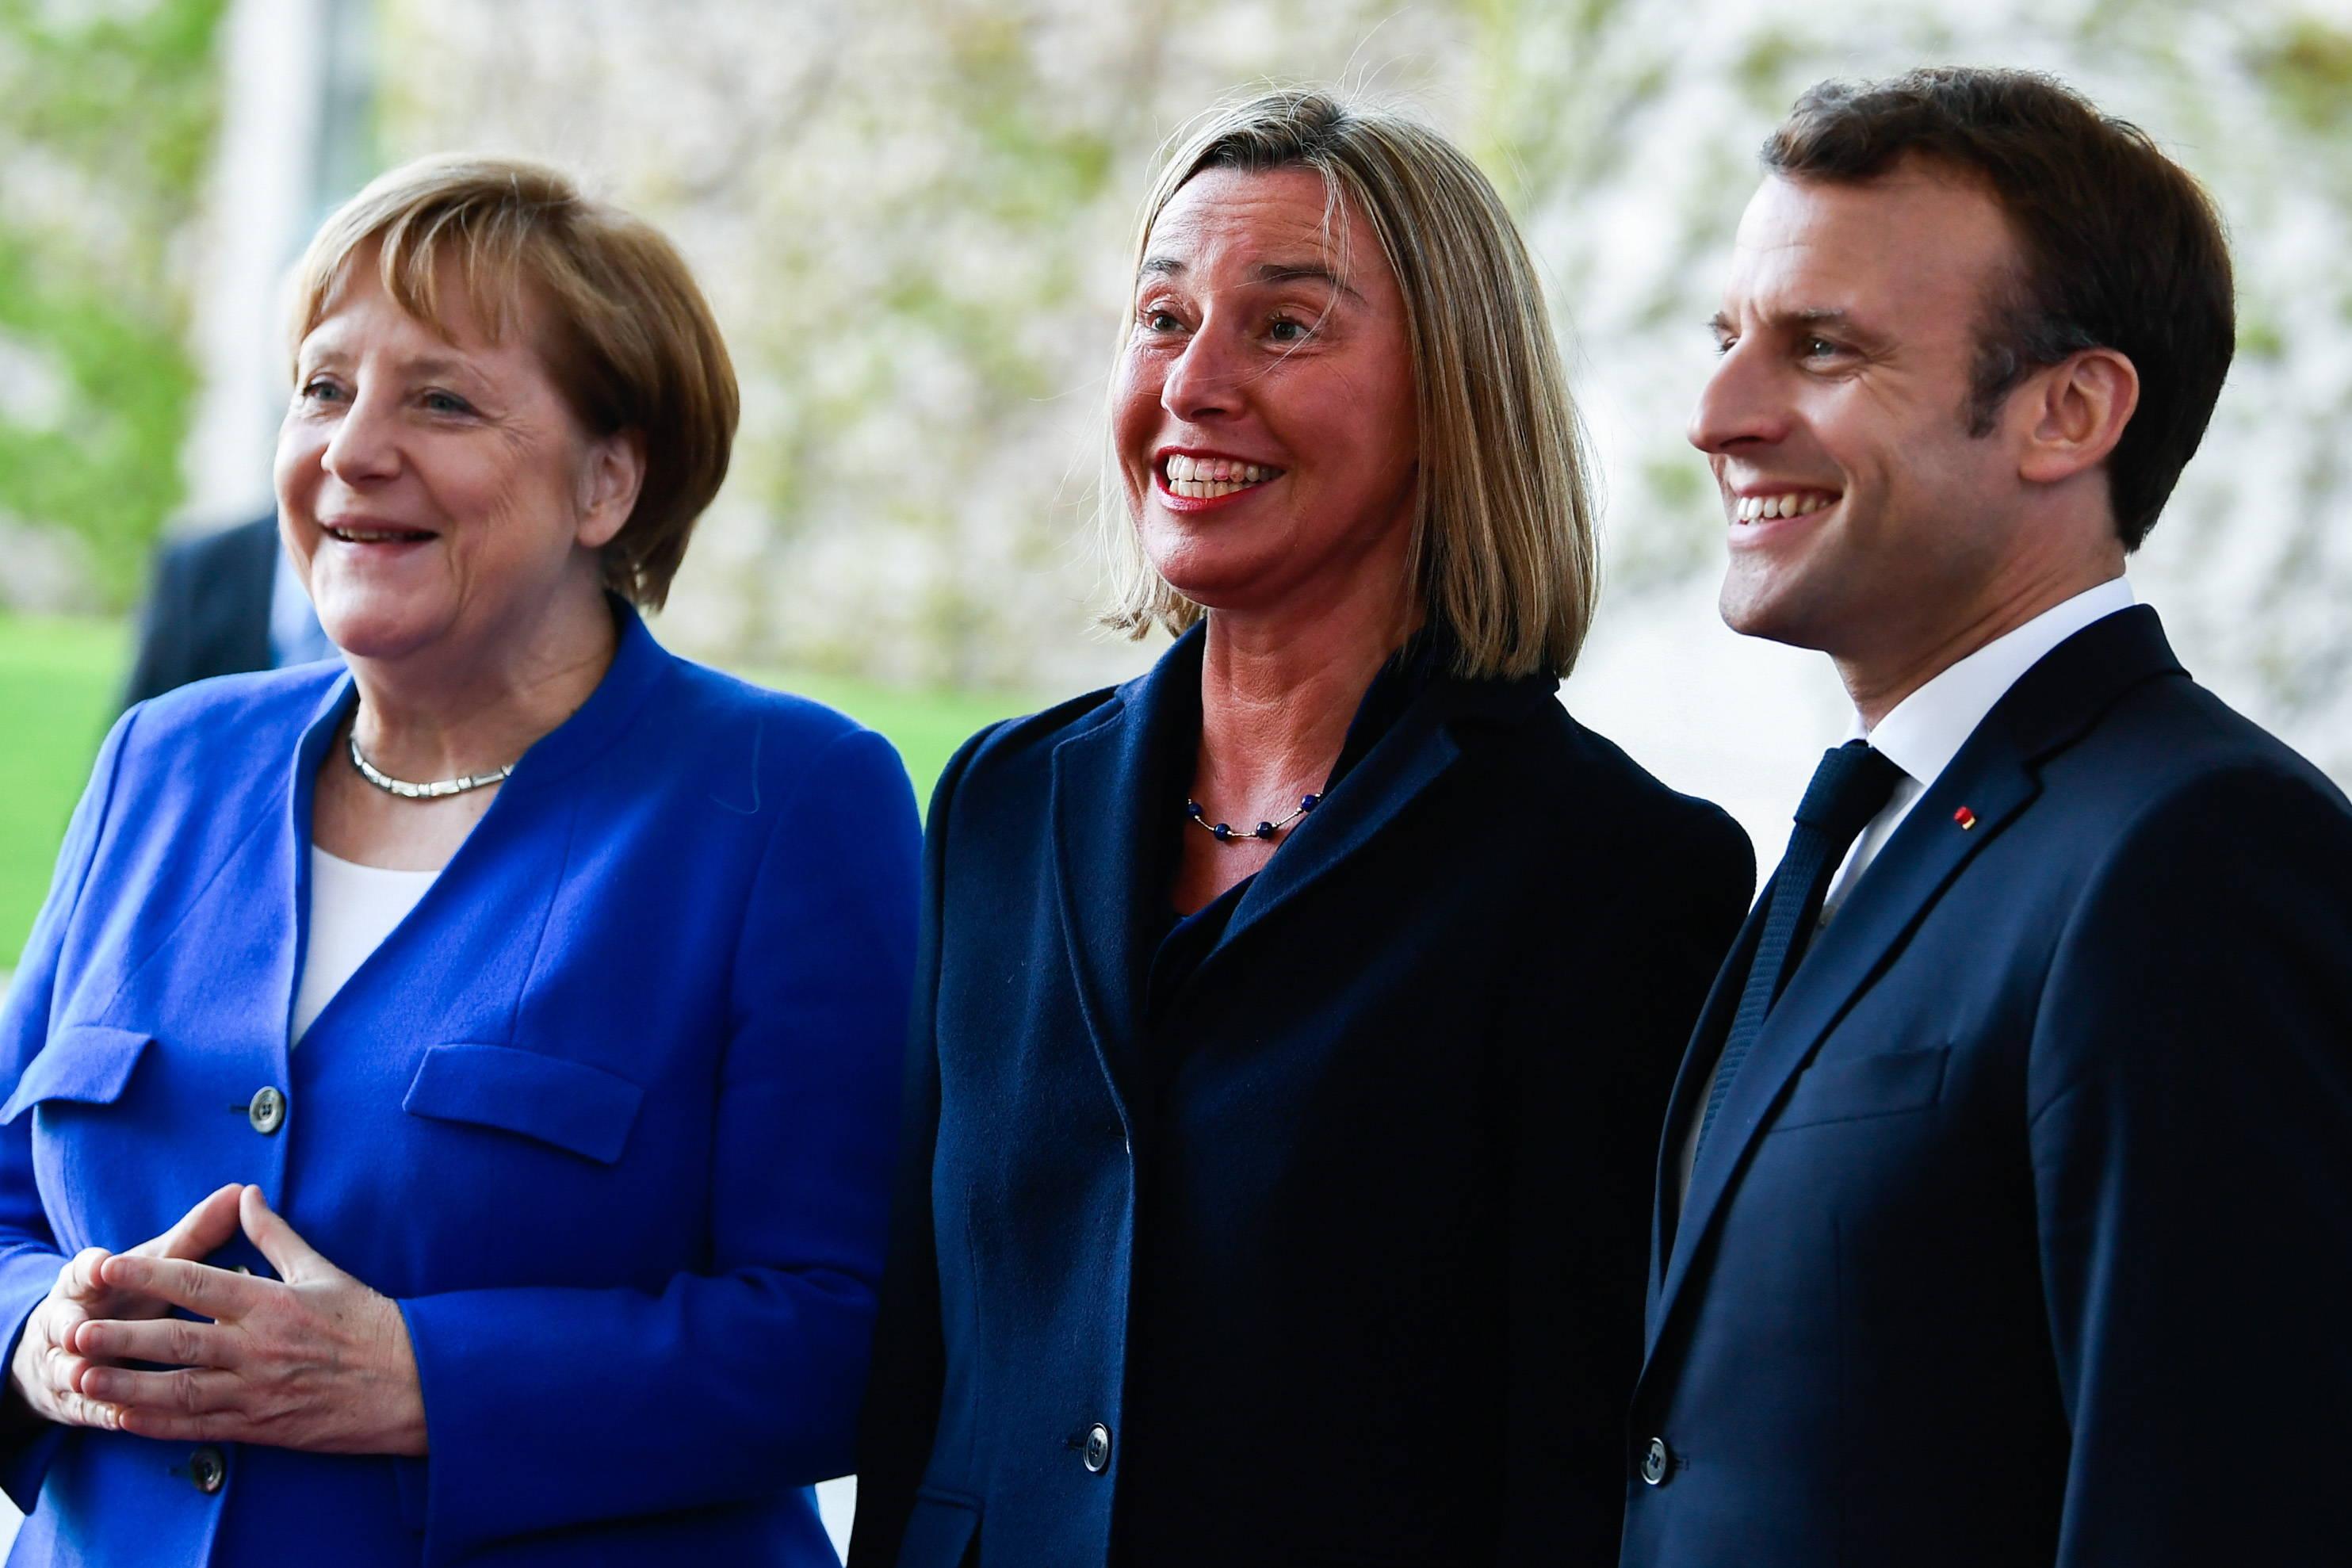 Unia Europejska wobec światowych mocarstw